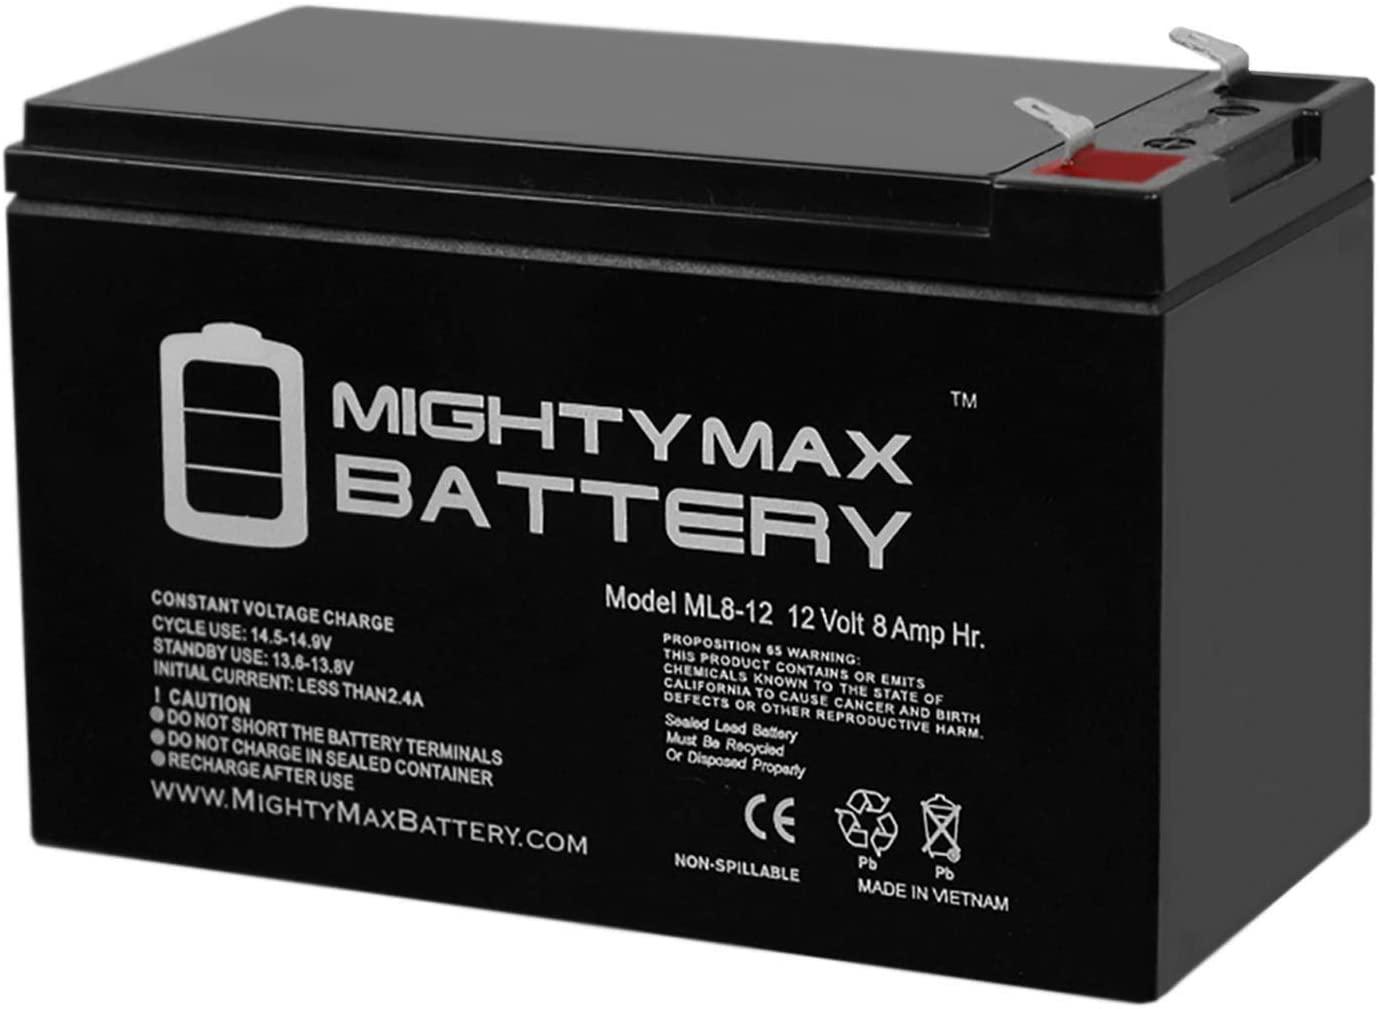 Mighty Max Battery 12V 8A Razor Pocket Mod Hannah Montana 15130651 Scooter Battery Brand Product